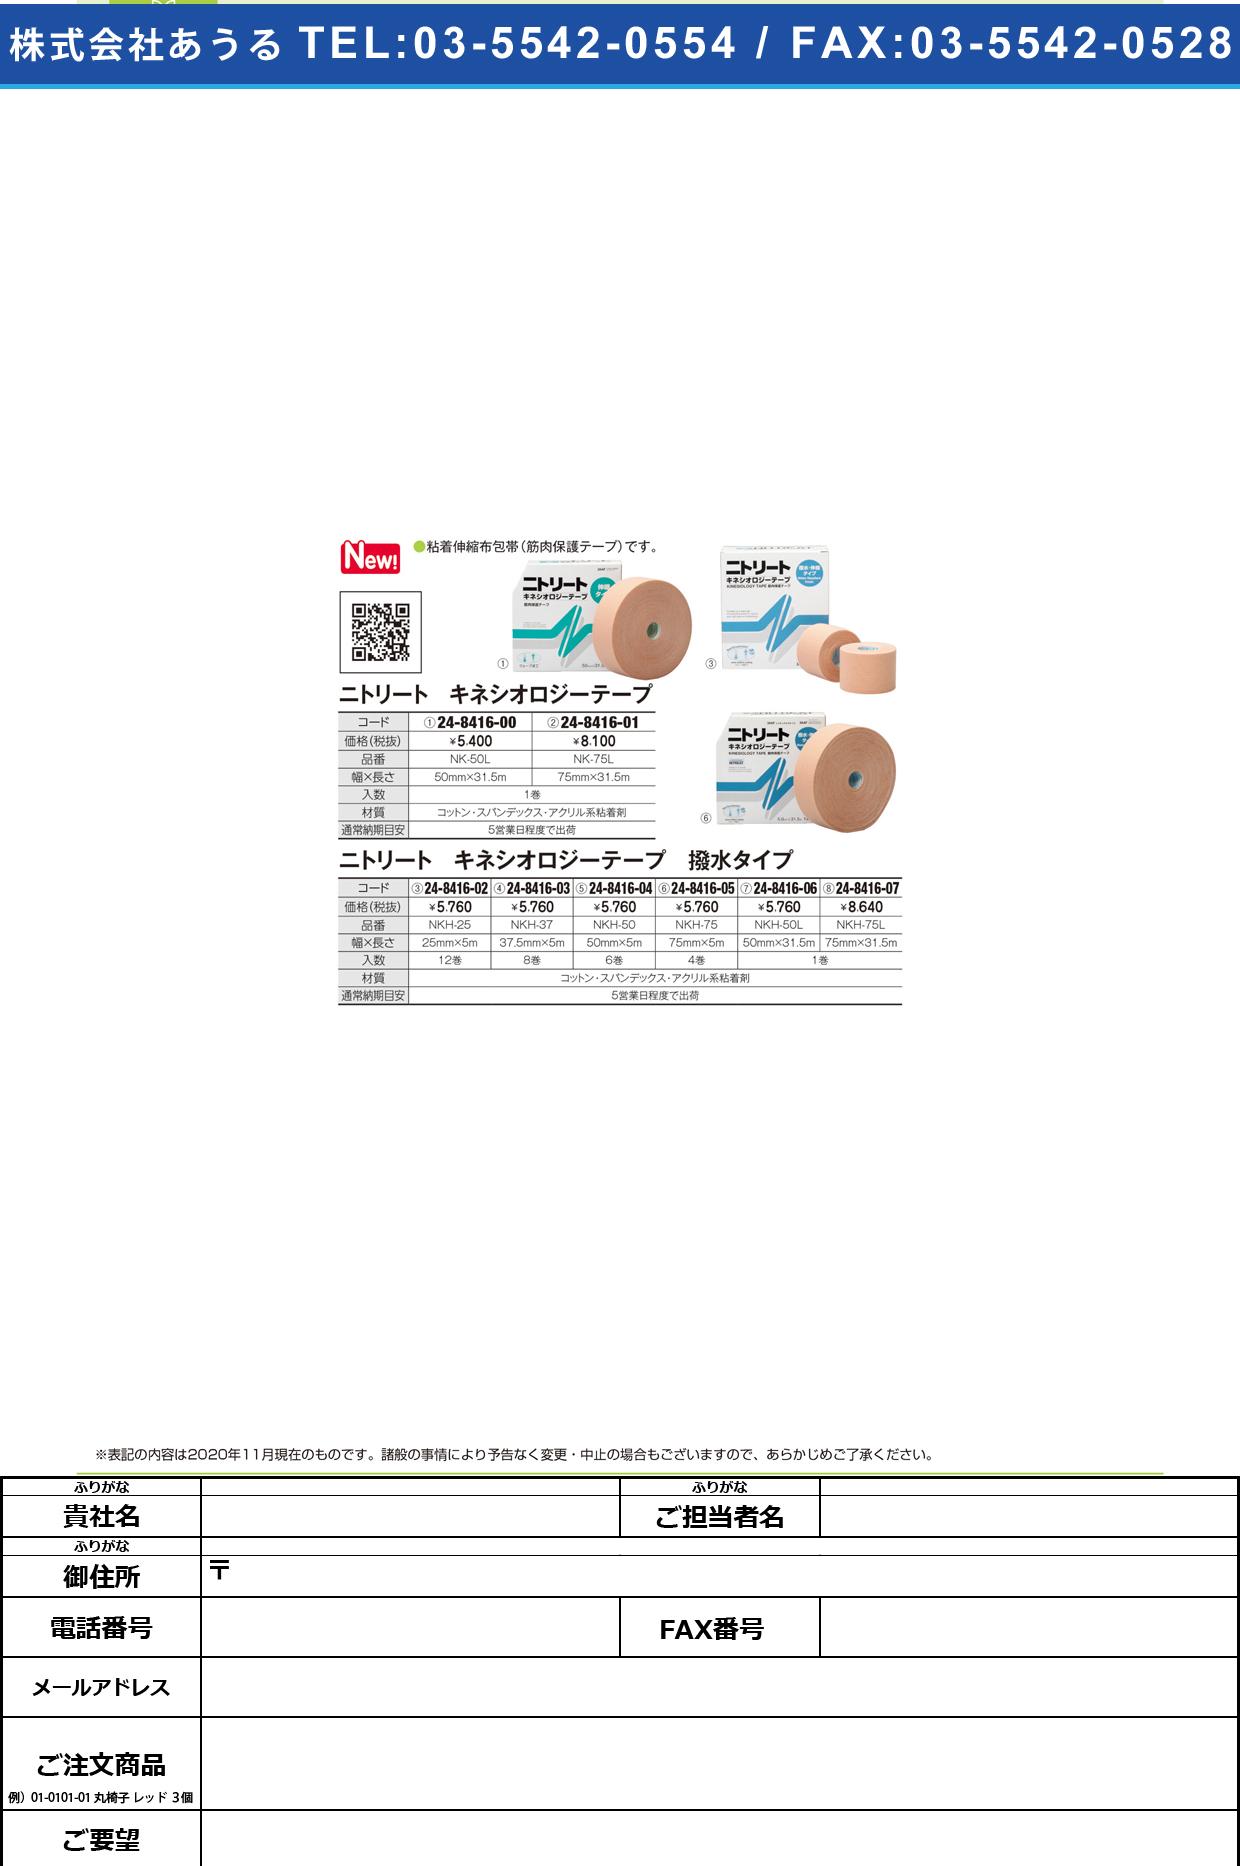 ニトリート キネシオロジーテープ NK-50L(50MMX31.5M)NK-50L(50MMX31.5M)(24-8416-00)【カナケン】(販売単位:1)